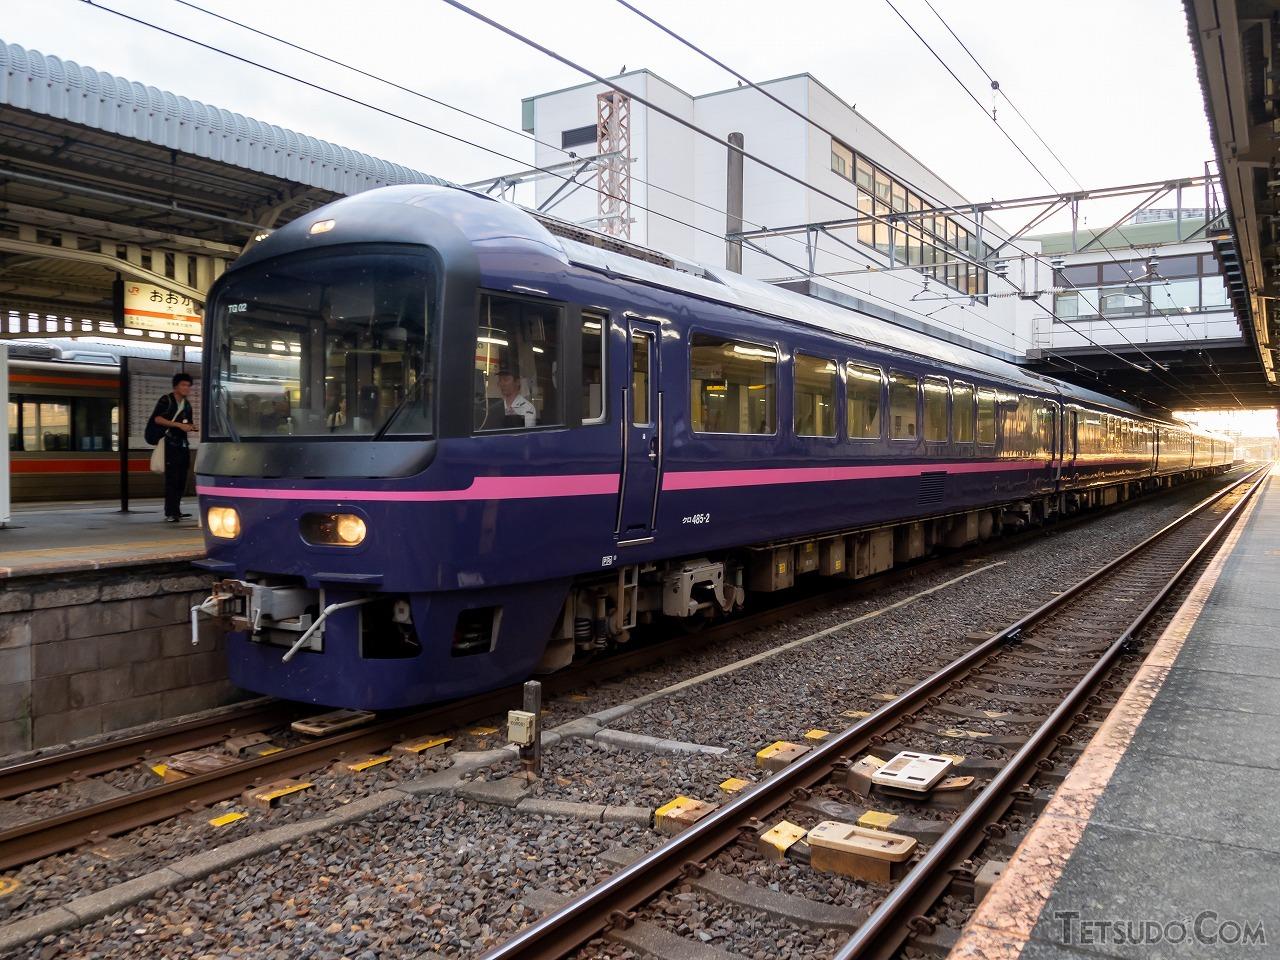 「宴」が廃車となり、純粋なお座敷列車はJRでは残すところ「華」のみ。たまたま一緒になった人と賑やかに語らいながら楽しむ旅は、現代の列車にはない魅力があります